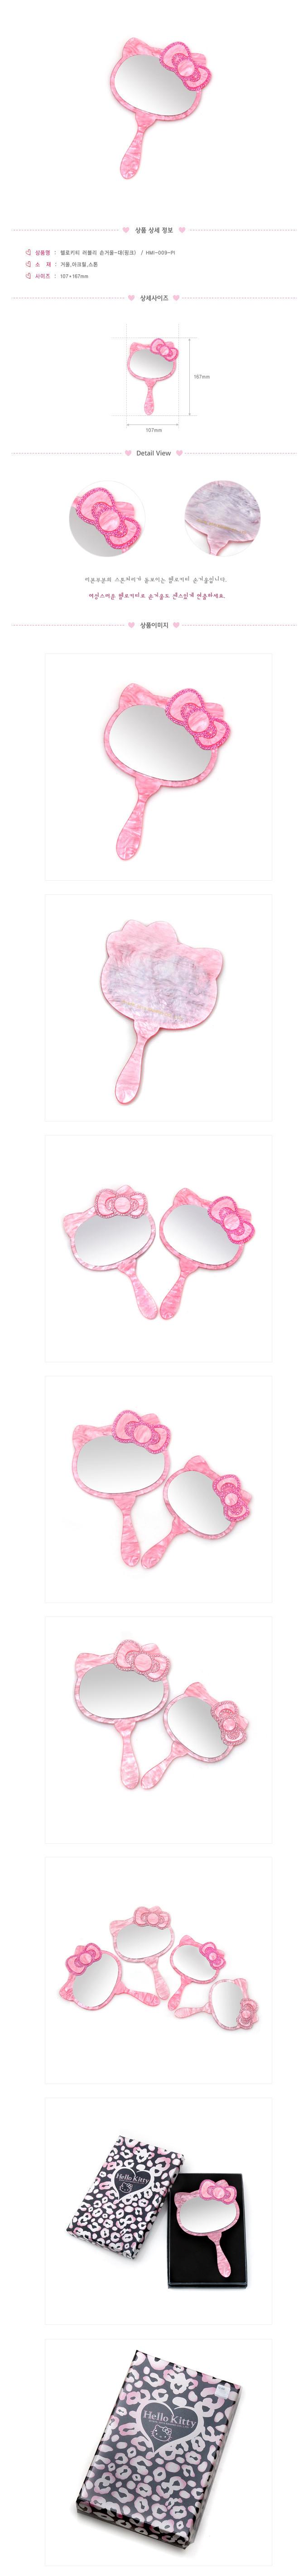 헬로키티 러블리 손거울 - 대(핑크) - 유러스, 28,000원, 도구, 거울